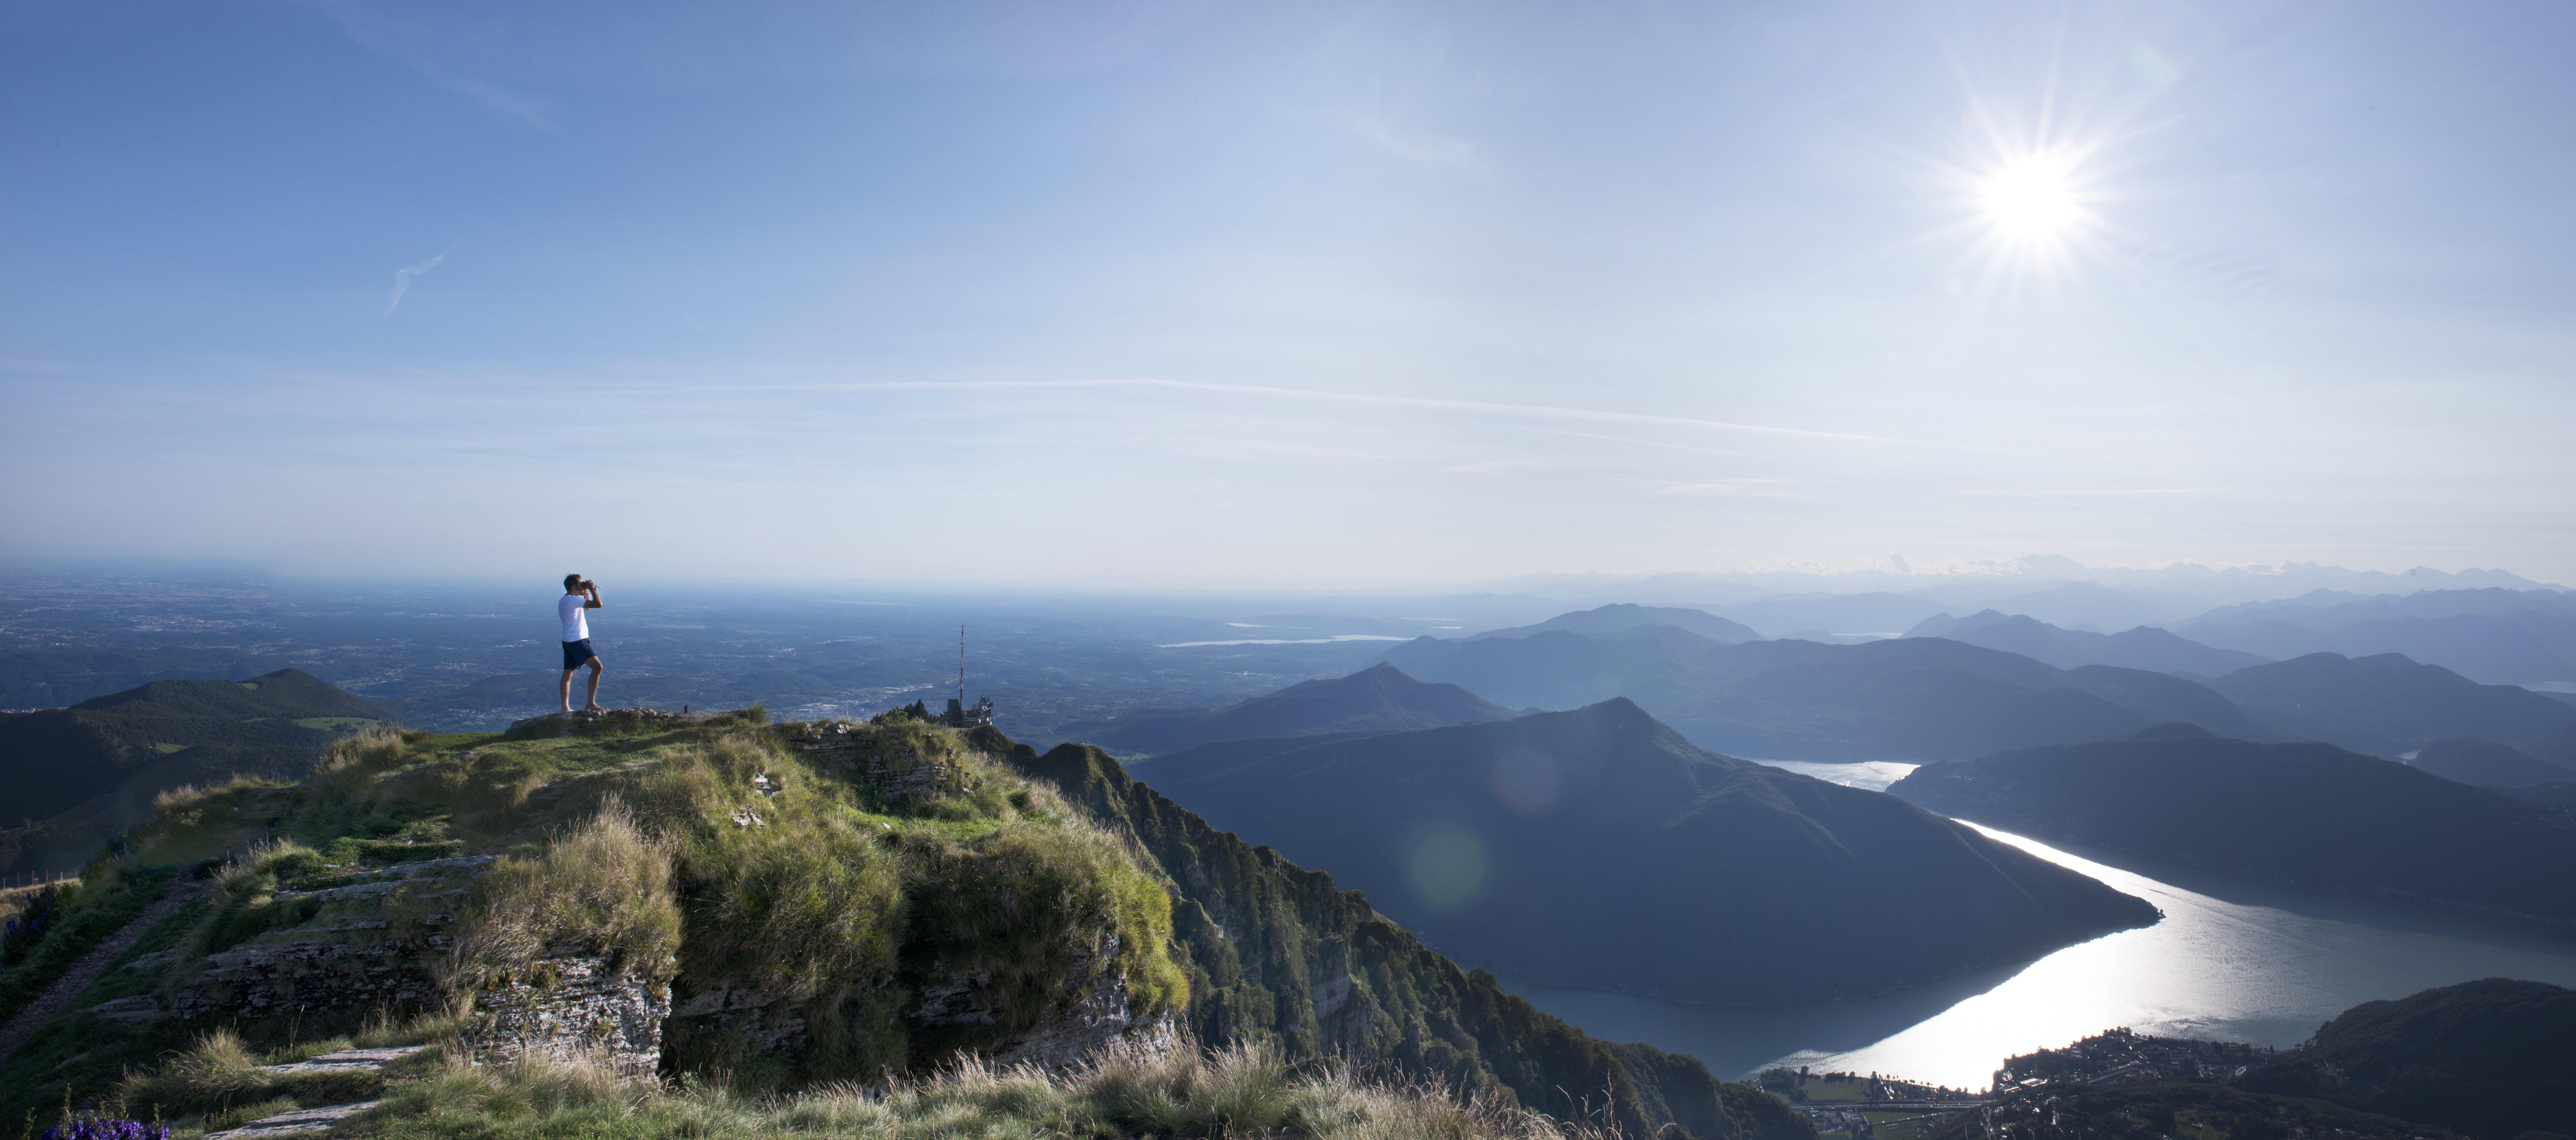 Monte Generoso Package | Switzerland Tourism